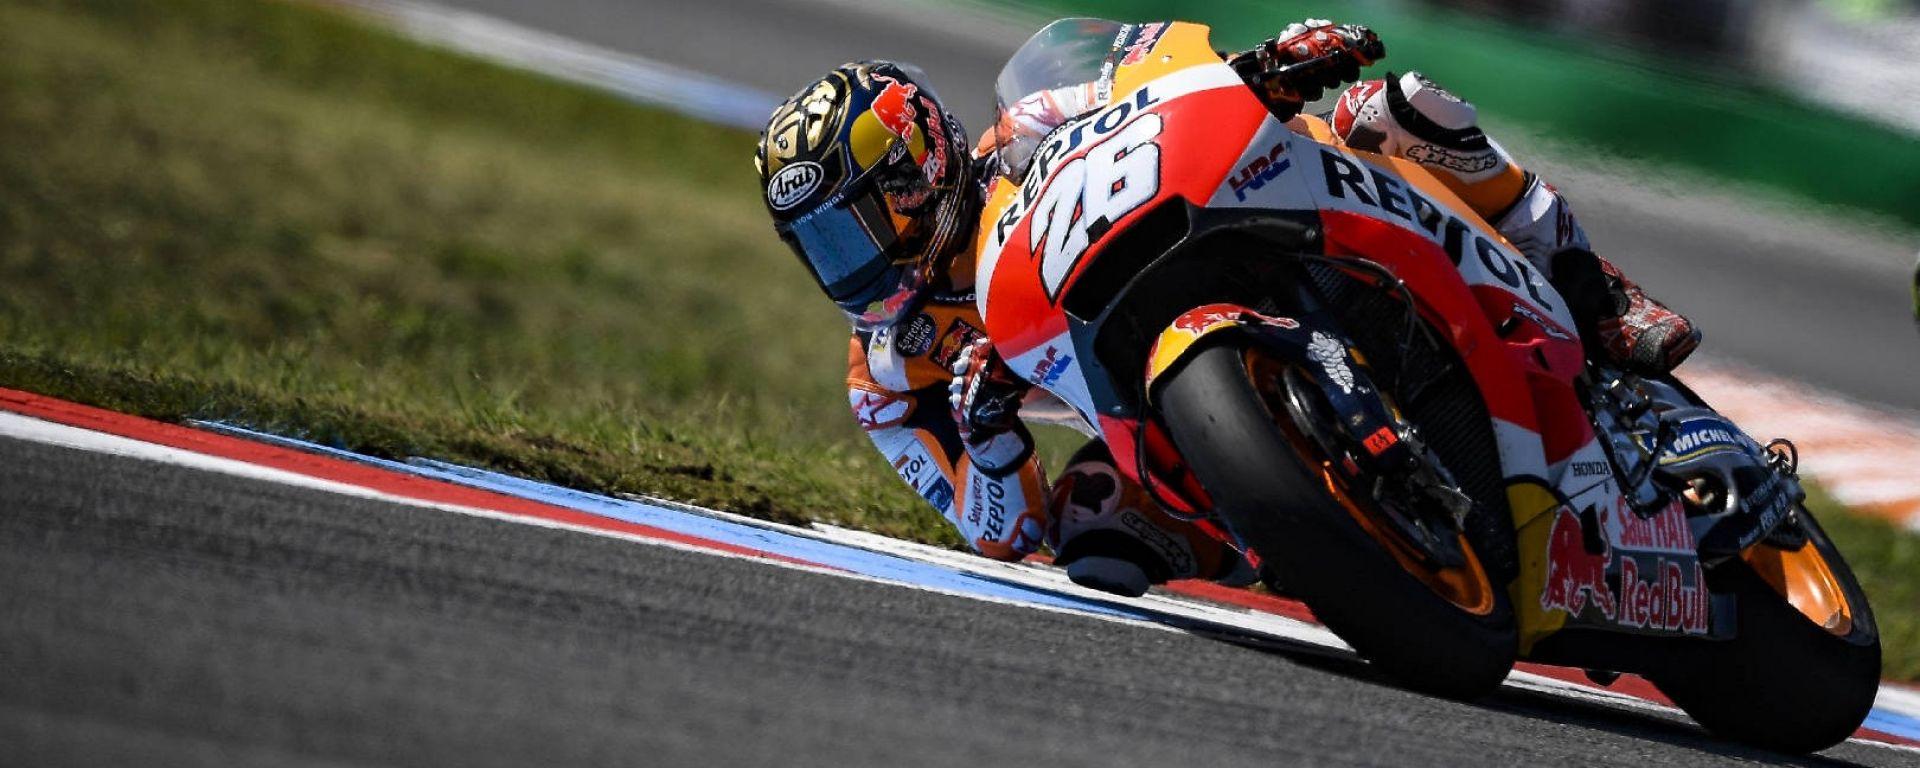 MotoGP Brno 2018: Pedrosa il più veloce del Venerdì